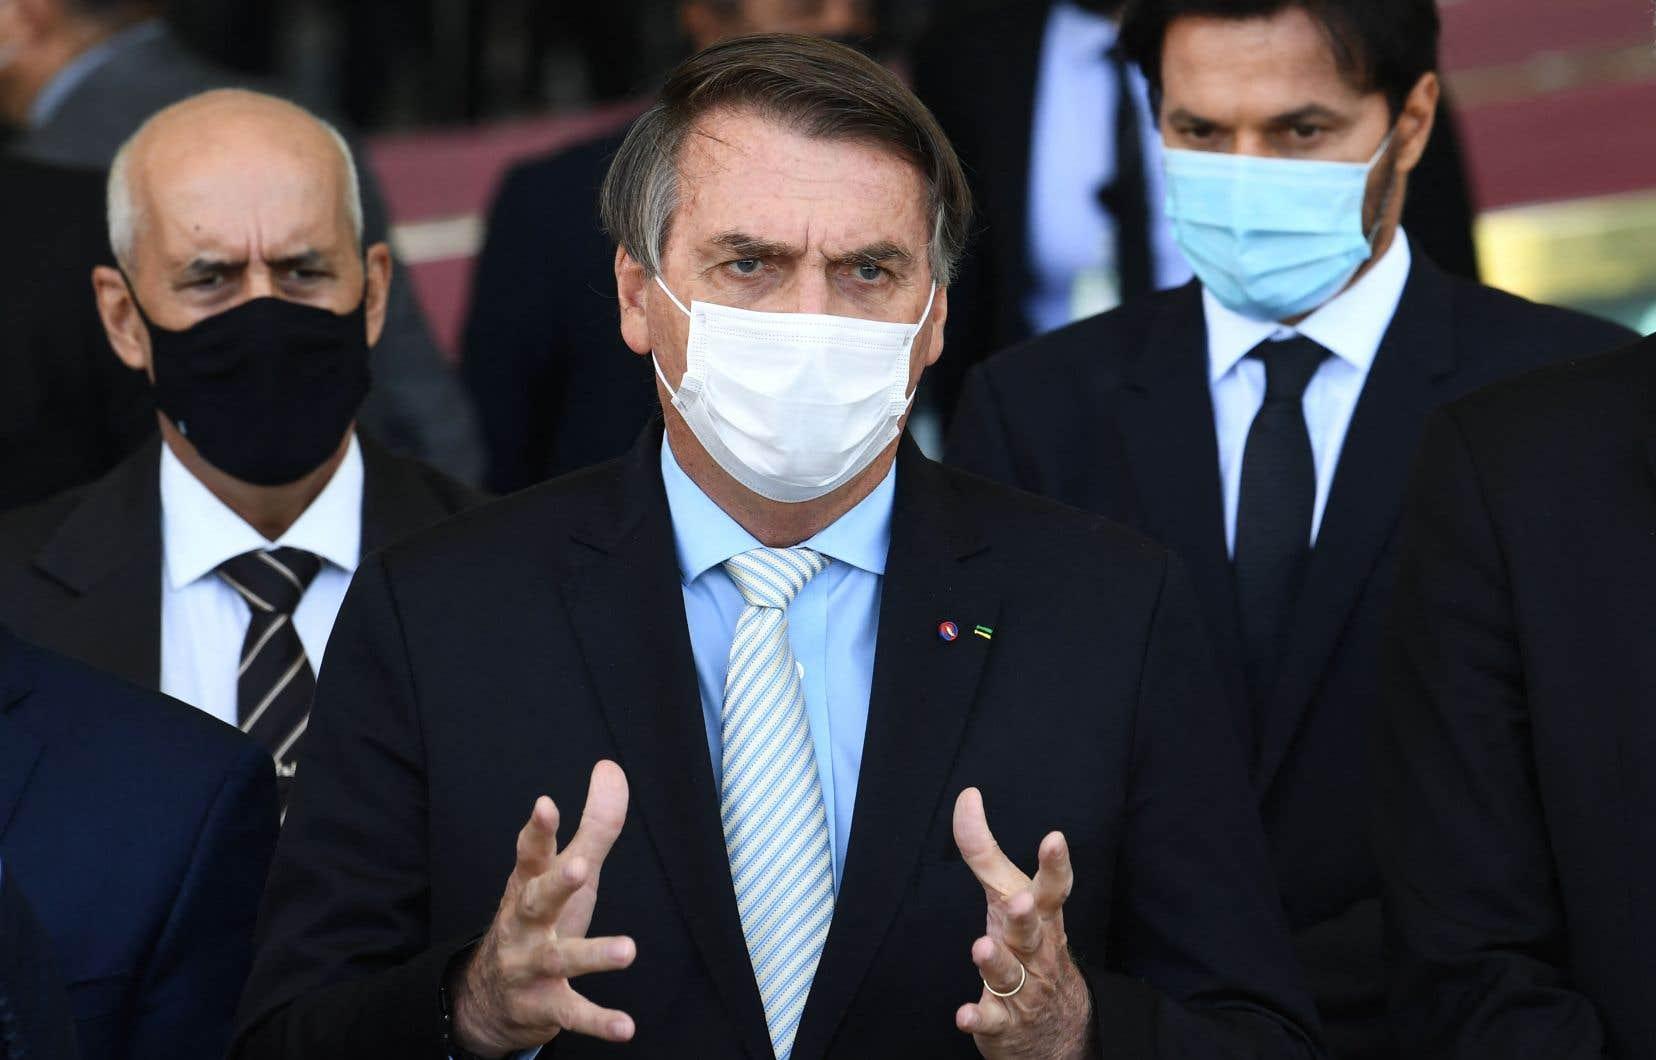 Mercredi, le président Jair Bolsonaro a mis sur pied un comité de crise pour lutter contre la COVID-19, face aux critiques sur sa désinvolture vis-à-vis de la crise sanitaire.